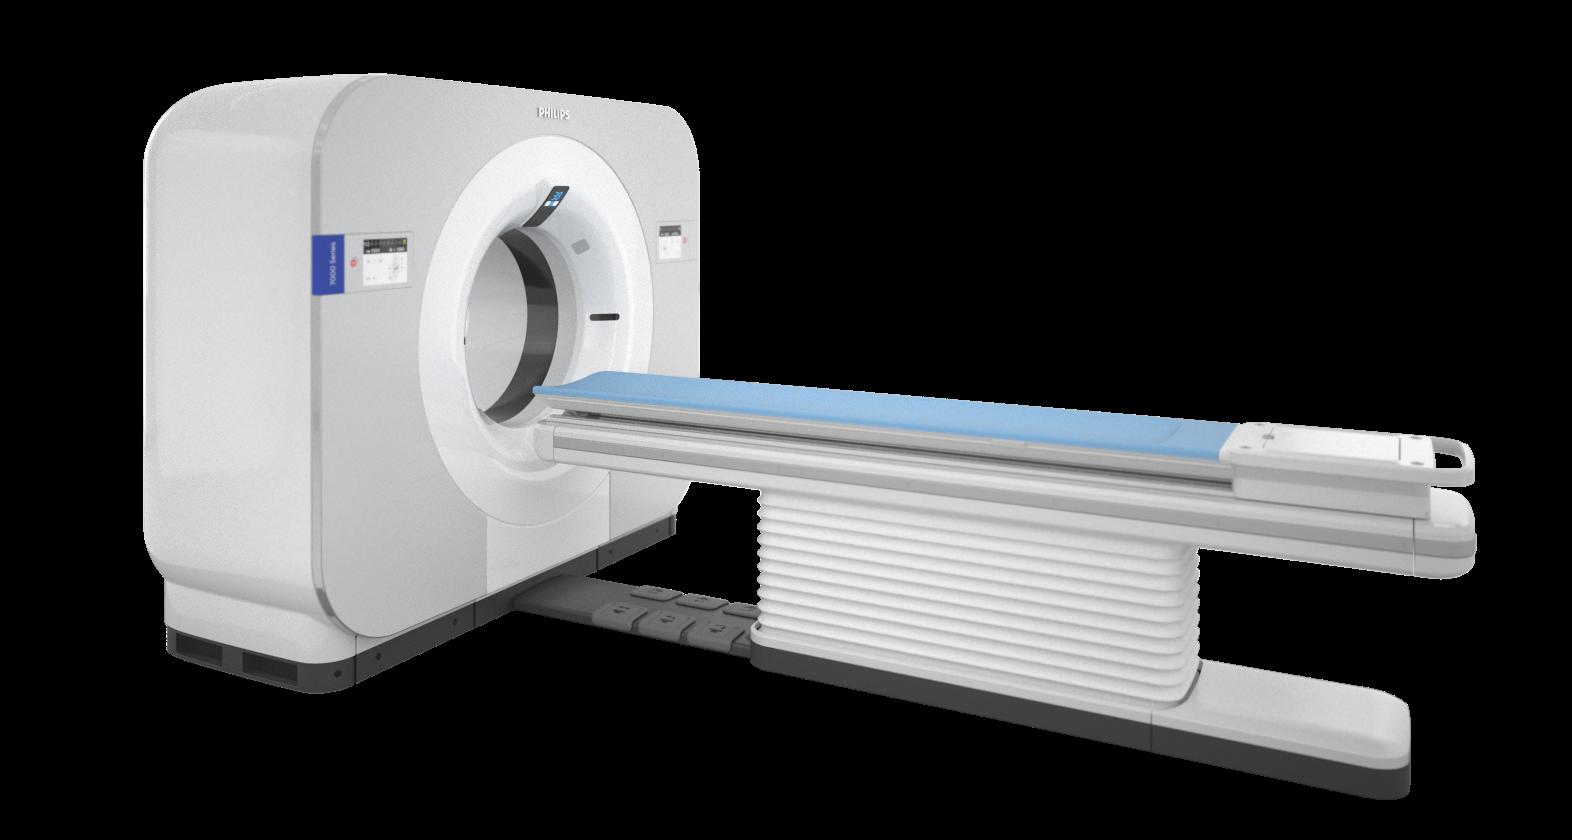 フィリップス/超高速スペクトラルCT検査を可能とする「Spectral (スペクトラル)CT 7500」を発売開始